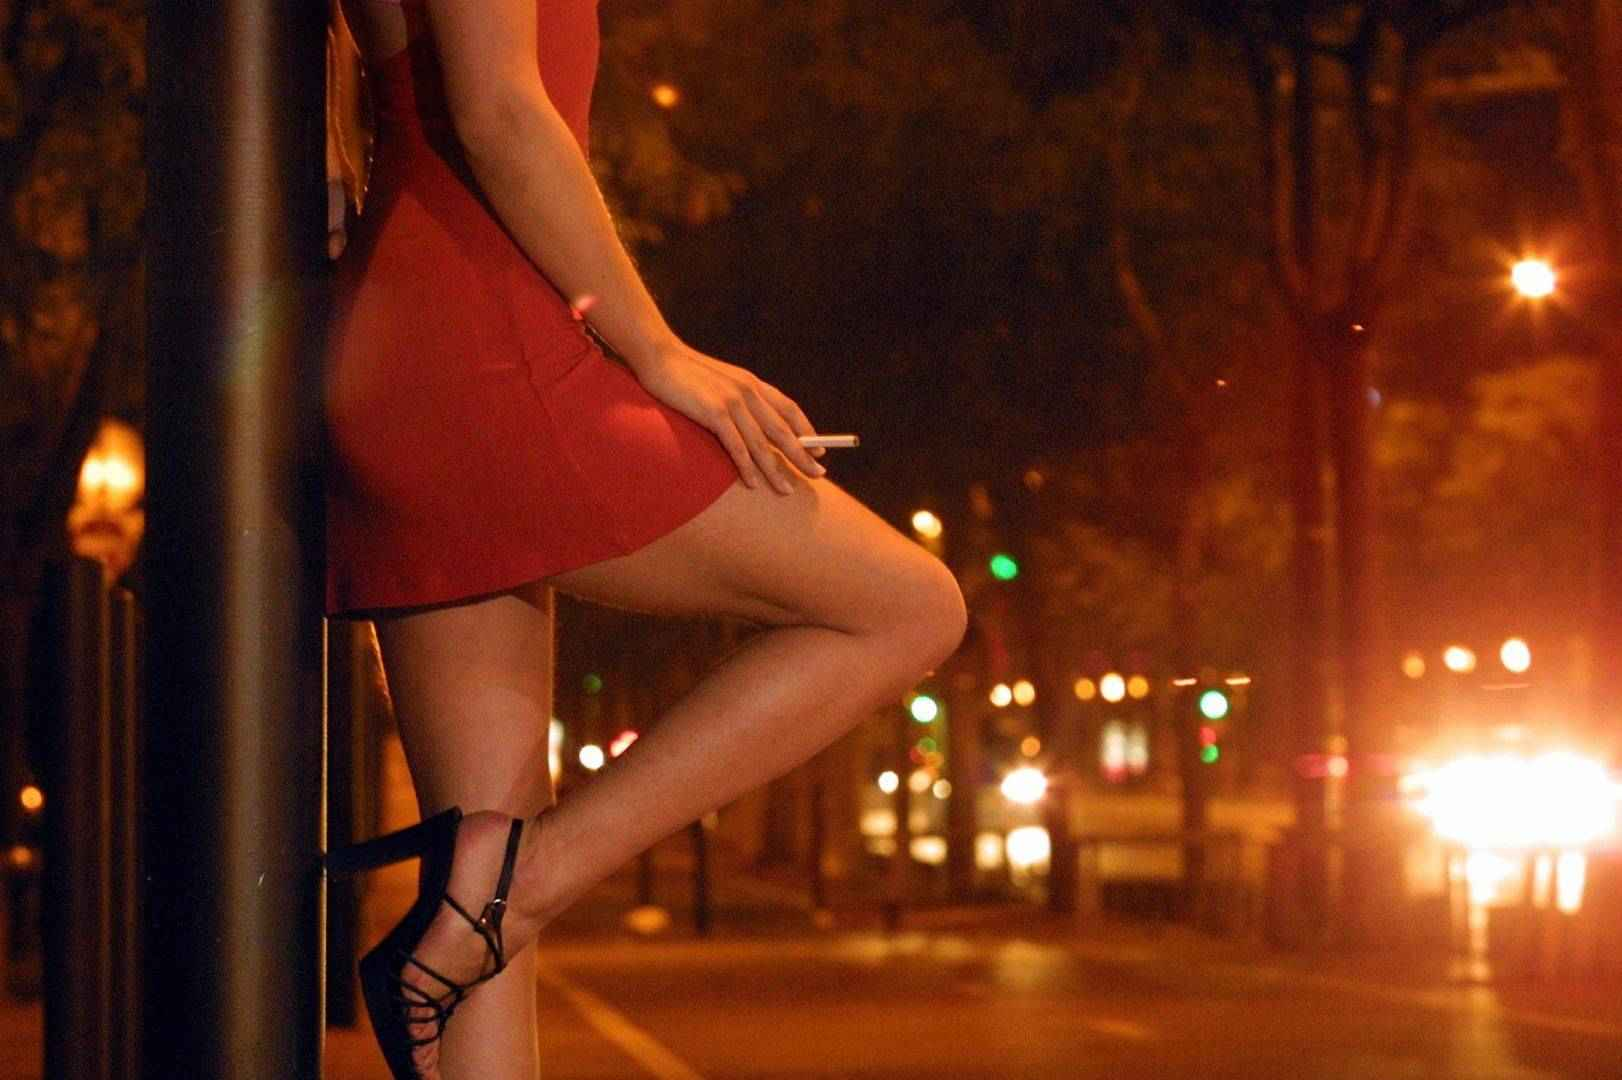 ¿Por-qué-es-malo-ser-prostituta-si-disfrutas-tu-trabajo